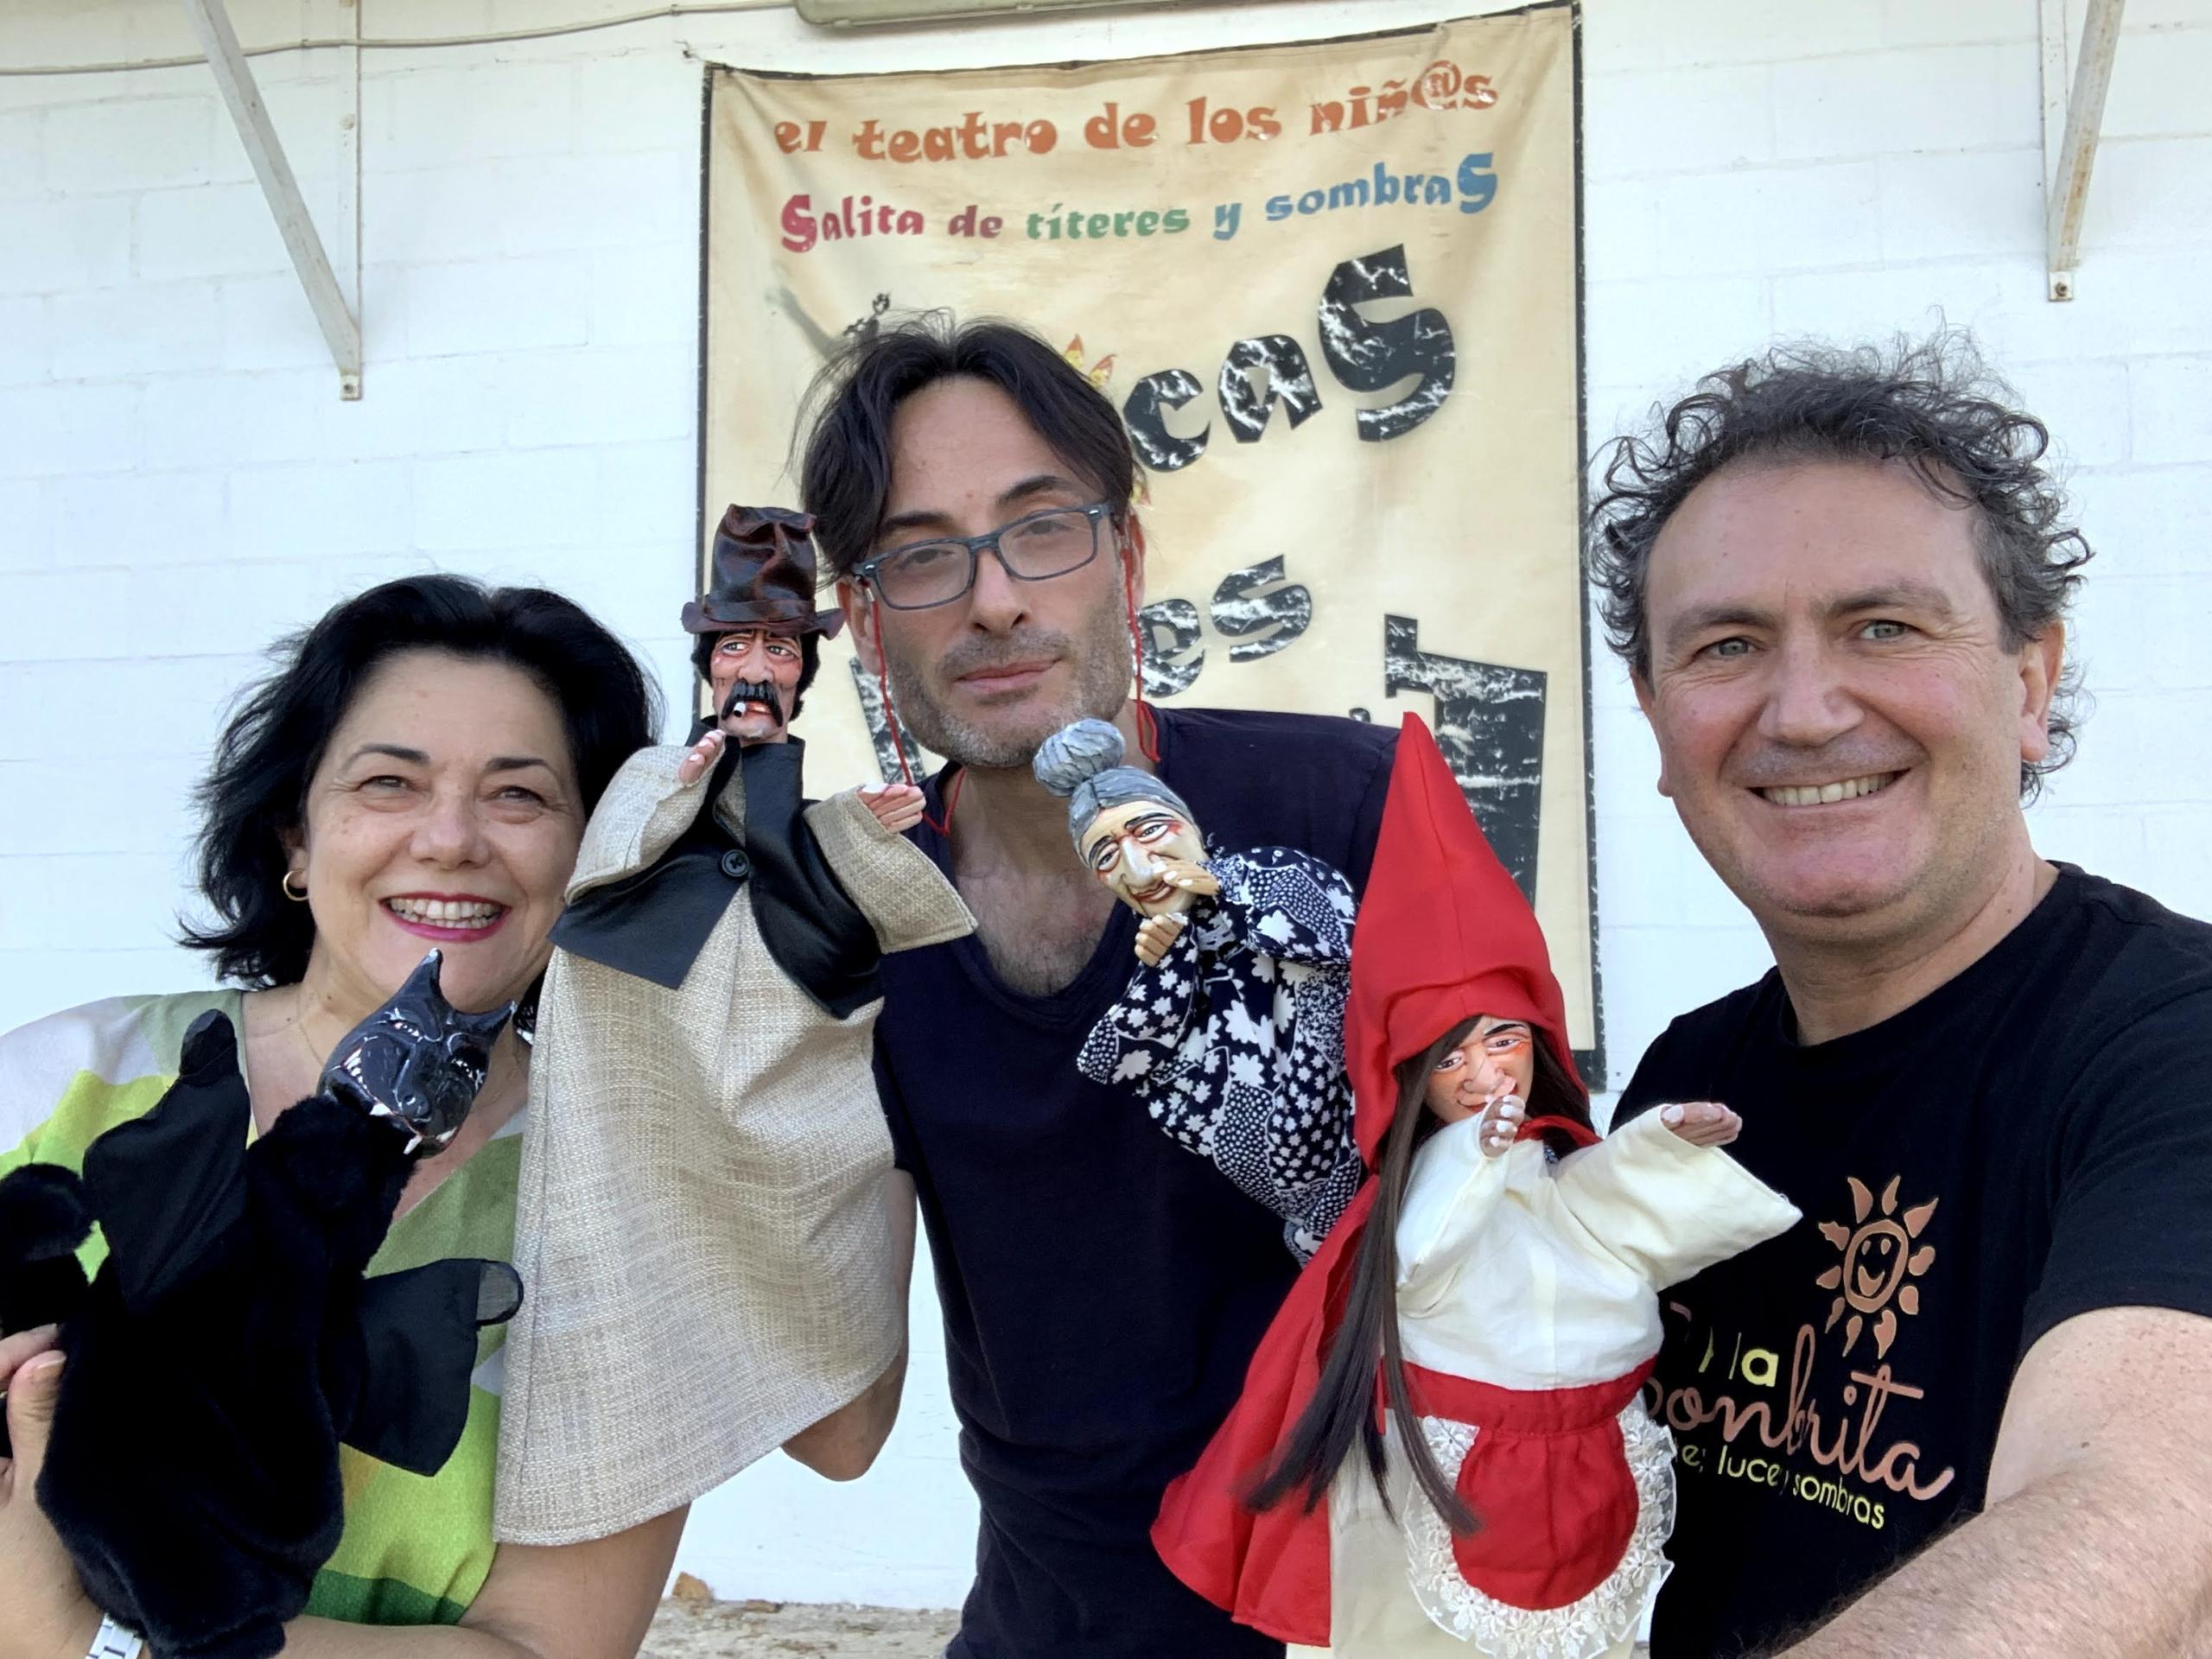 Los Titeres de Caperucita Roja - Foto en CRAI con los titeres